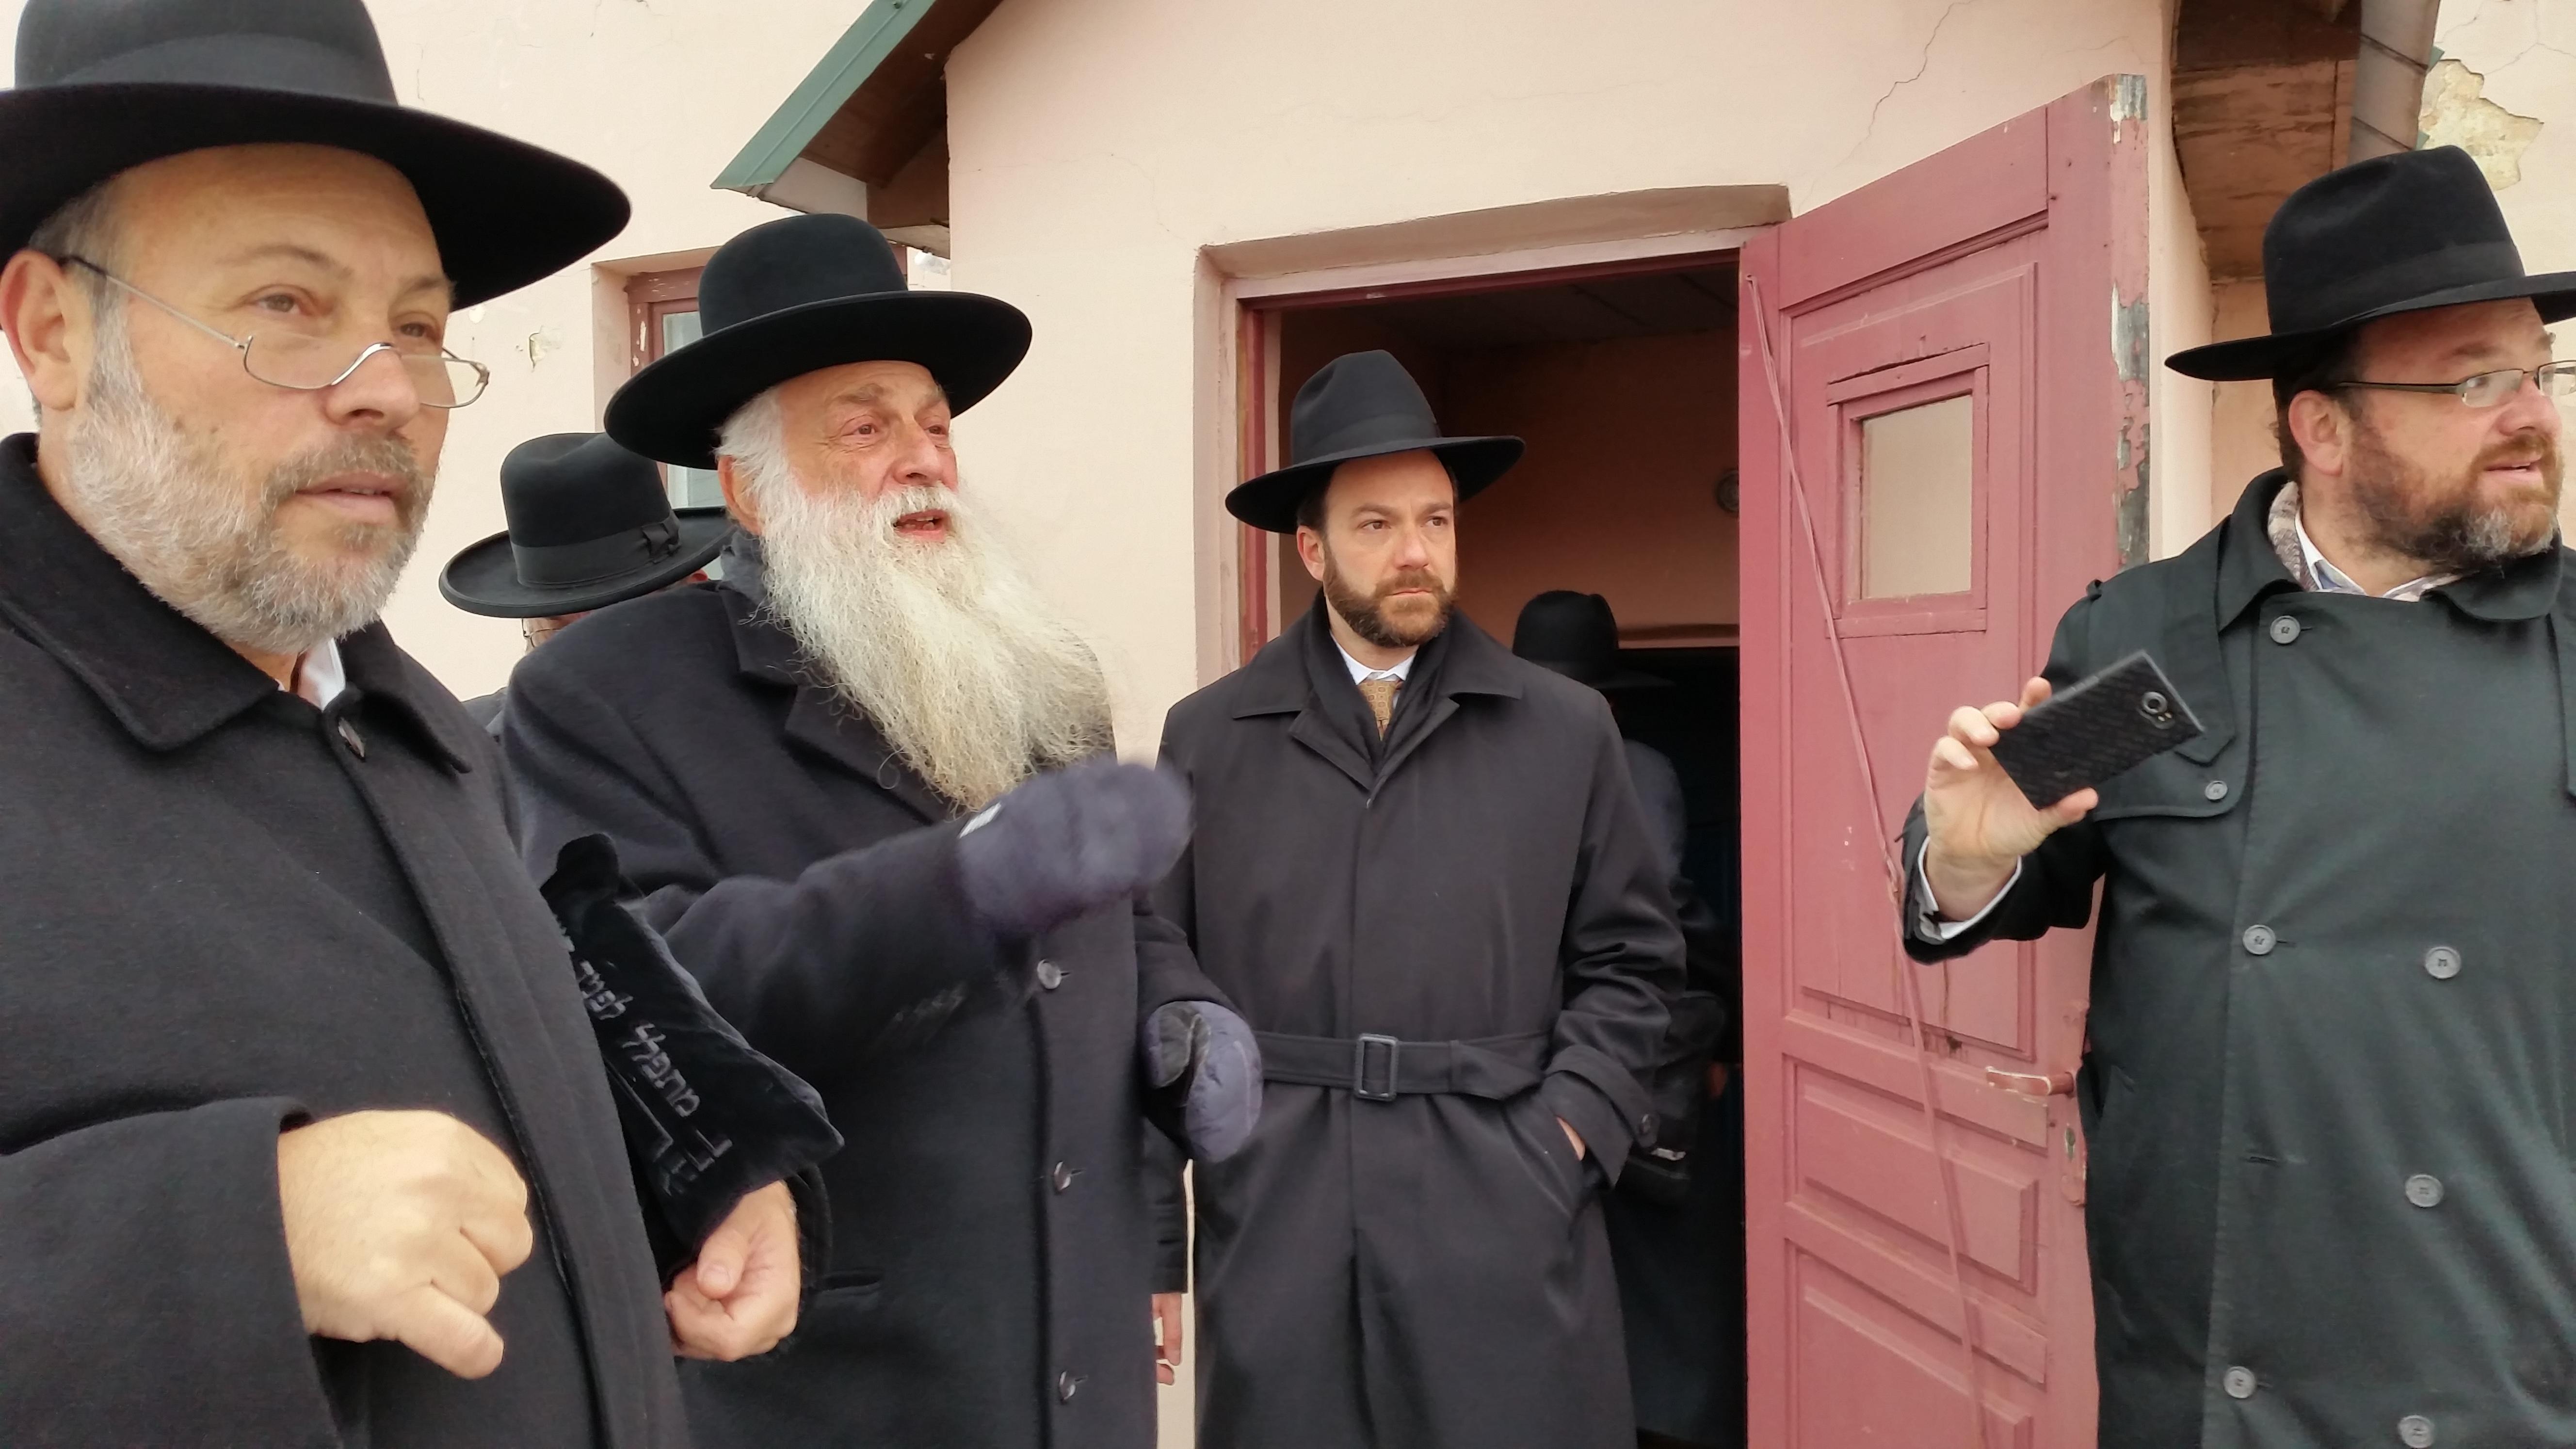 הנכד הגאון רבי נחמן ליבוביץ, והנין רבי ירוחם ליבוביץ - בכניסה לחדר המדרגות